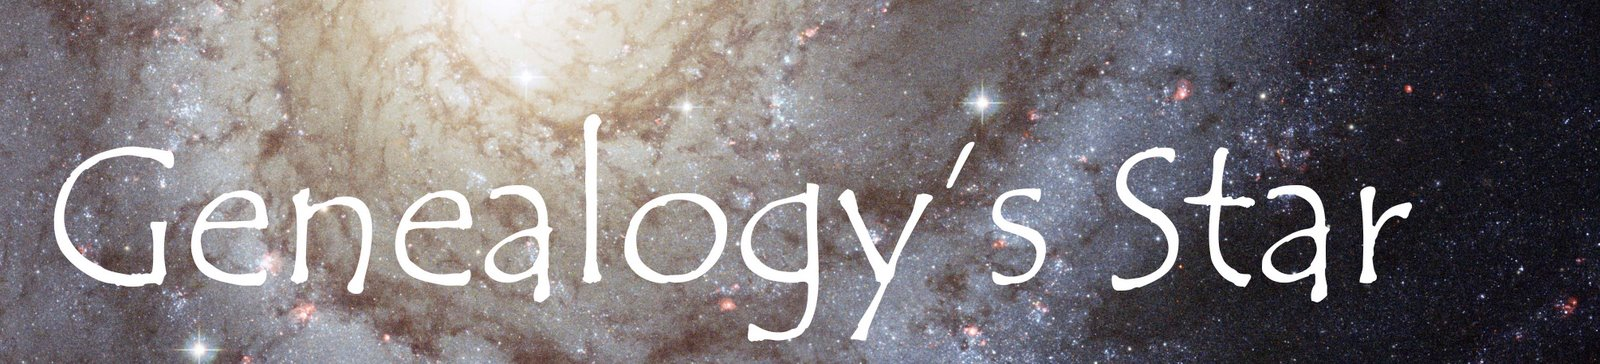 Genealogy's Star